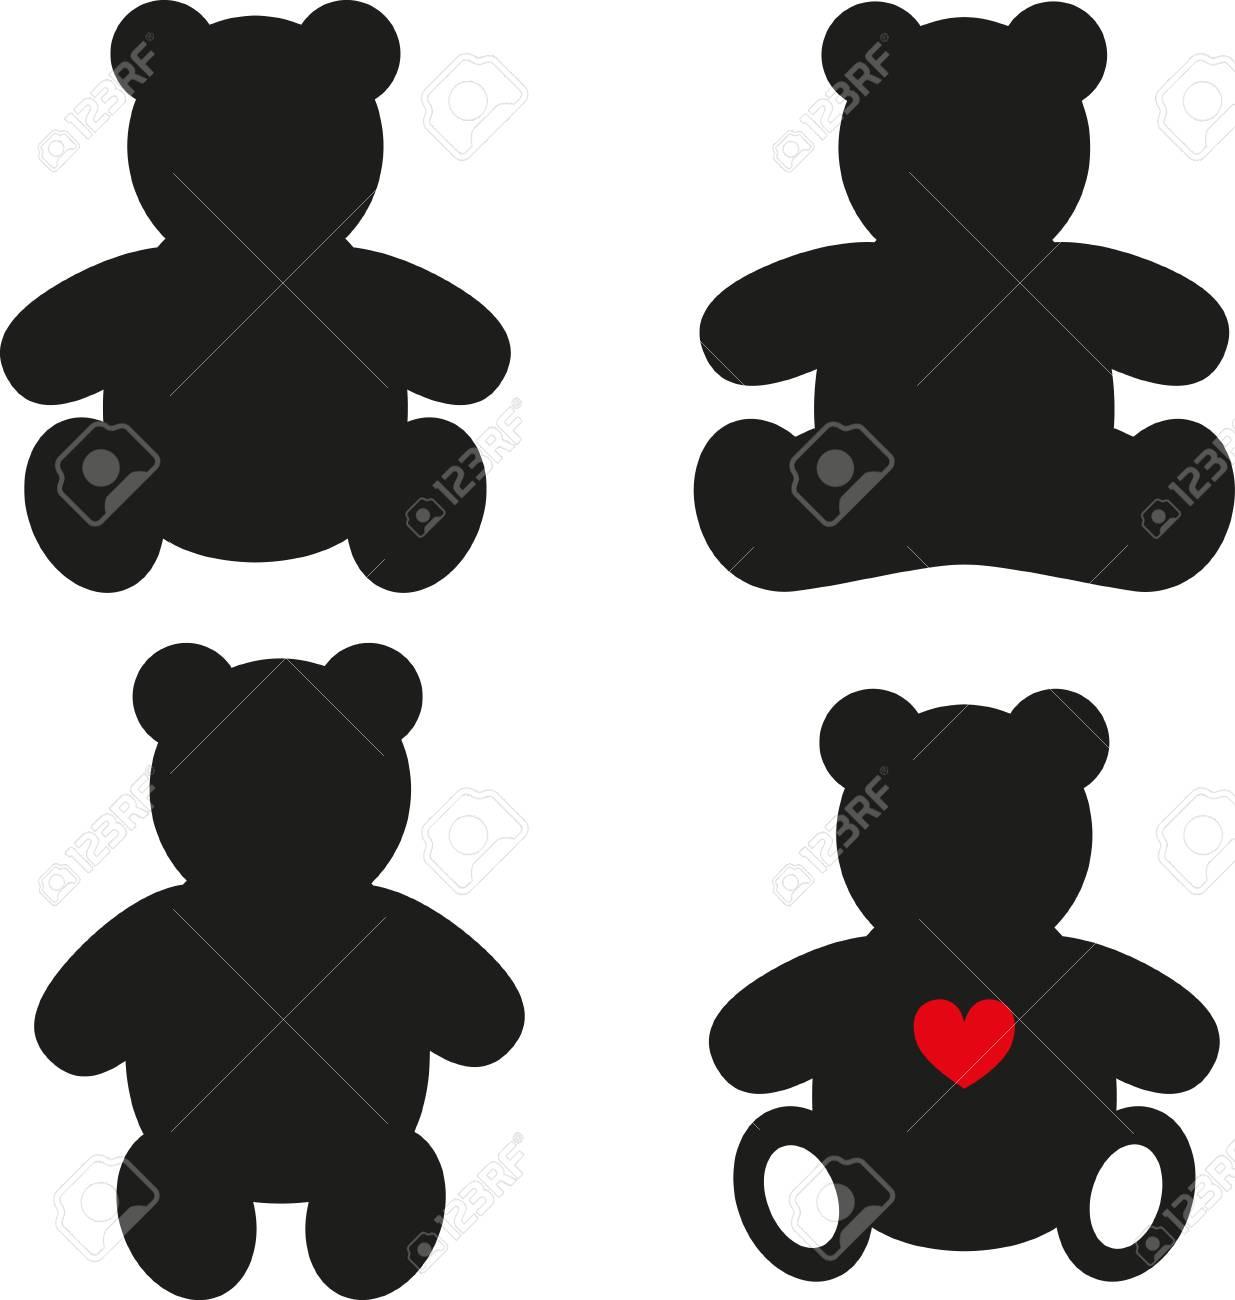 simple silhouettes of teddy bear vector illustration on white rh 123rf com teddy bear vector free download teddy bear vector black and white